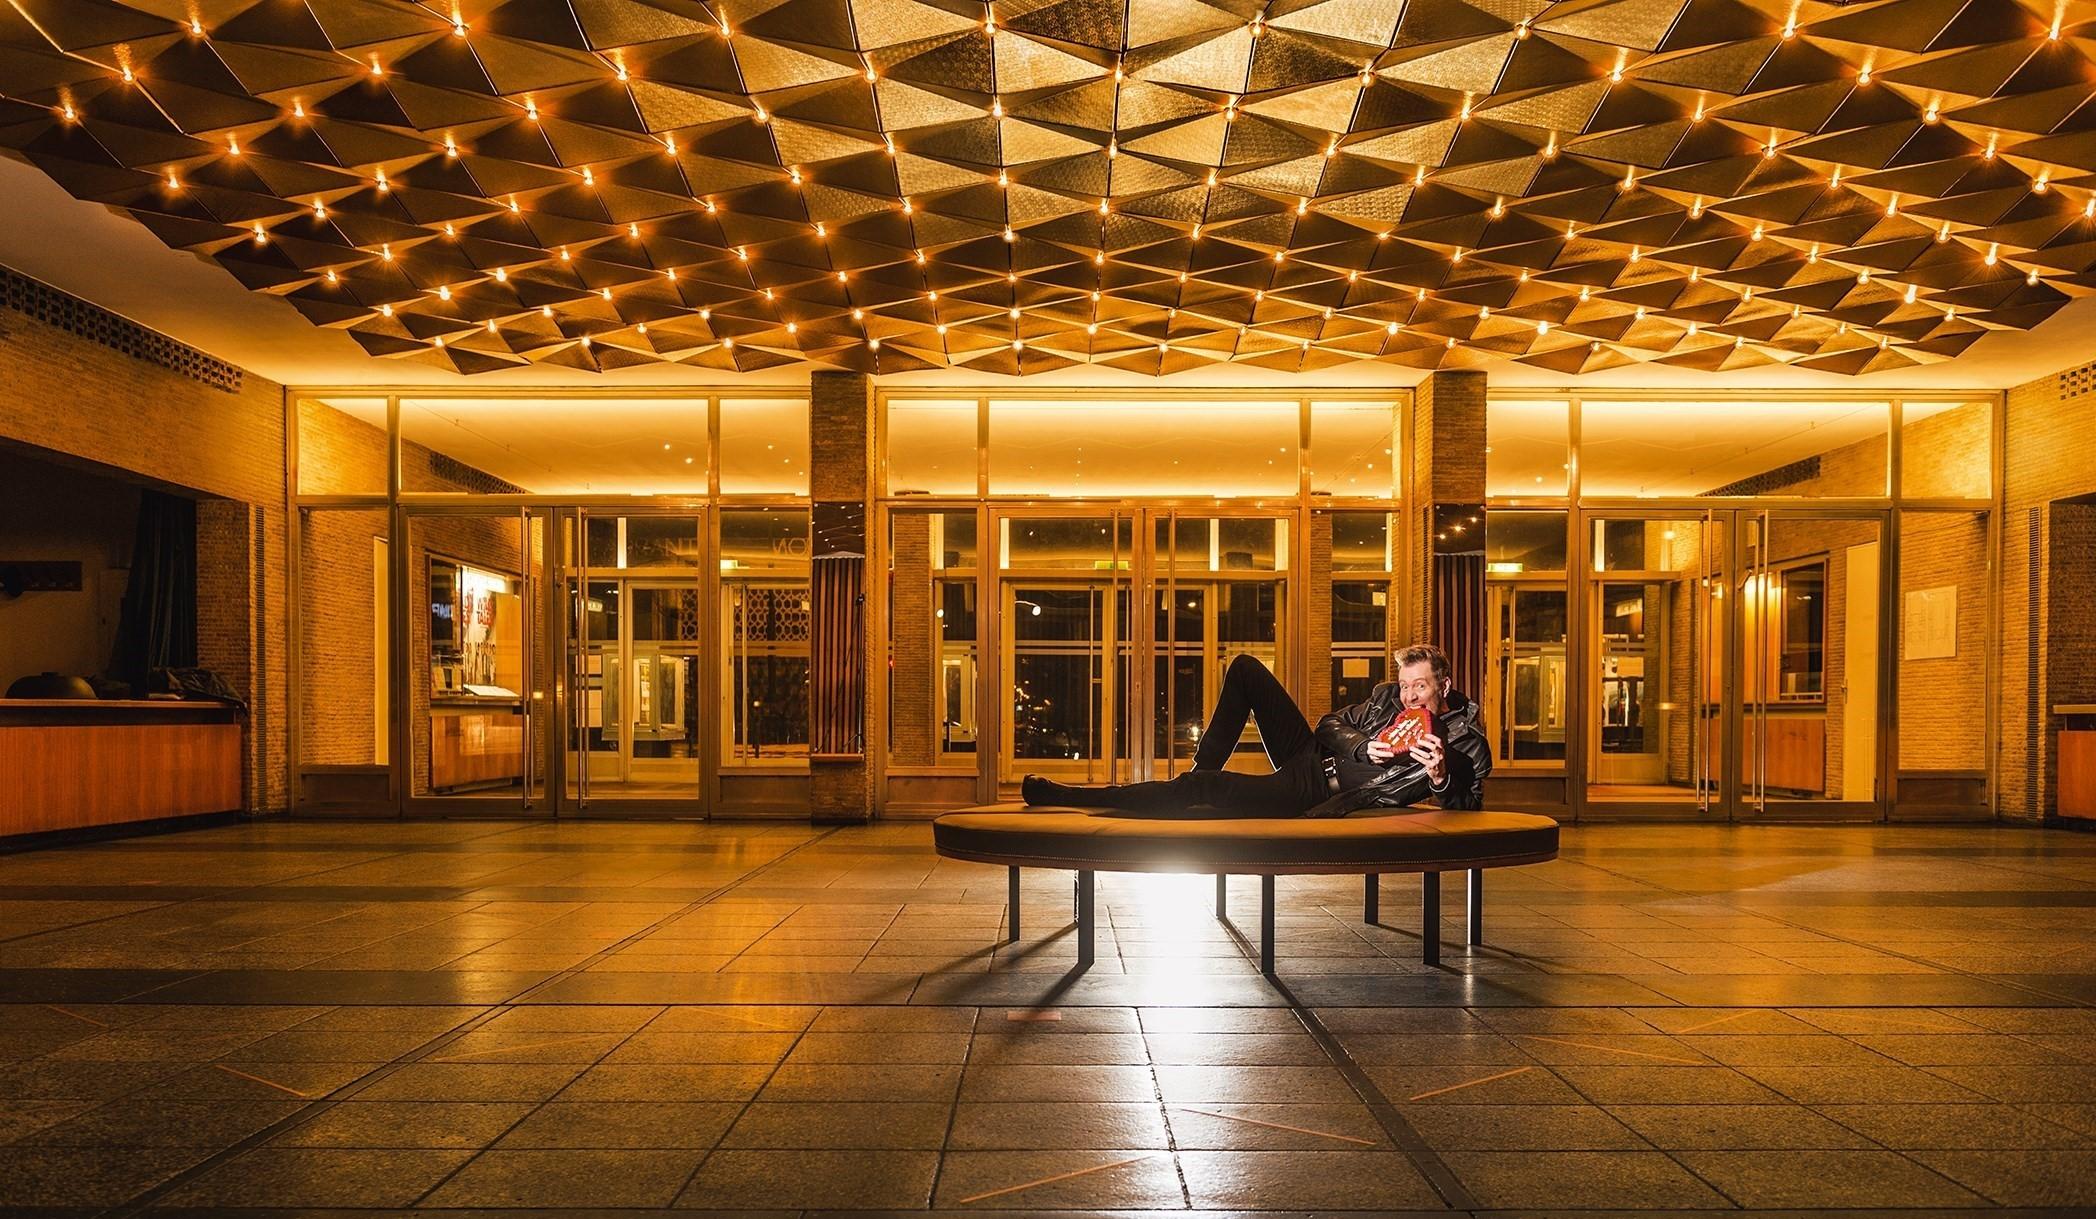 """HK Gruber's """"Geschichten aus dem Wienerwald"""" coming to Berlin's Komische Oper. (Photo: Jan Windszus Photography)"""